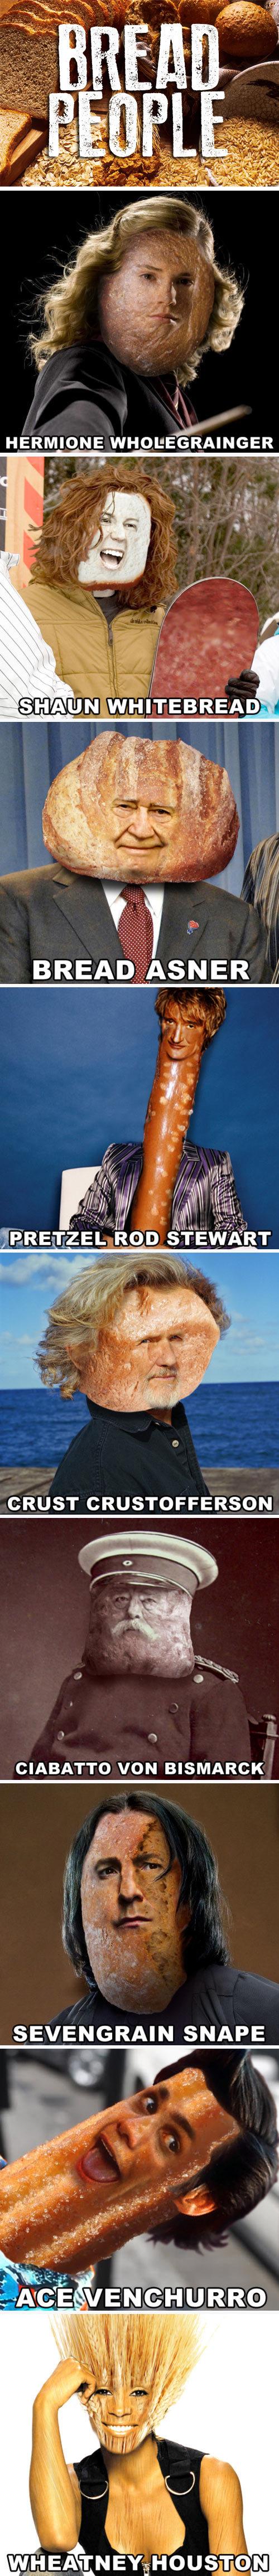 Bread People. . ERE' 1: ZEL ROD STEWART REVENGING SNAPE J. pt, ARRO